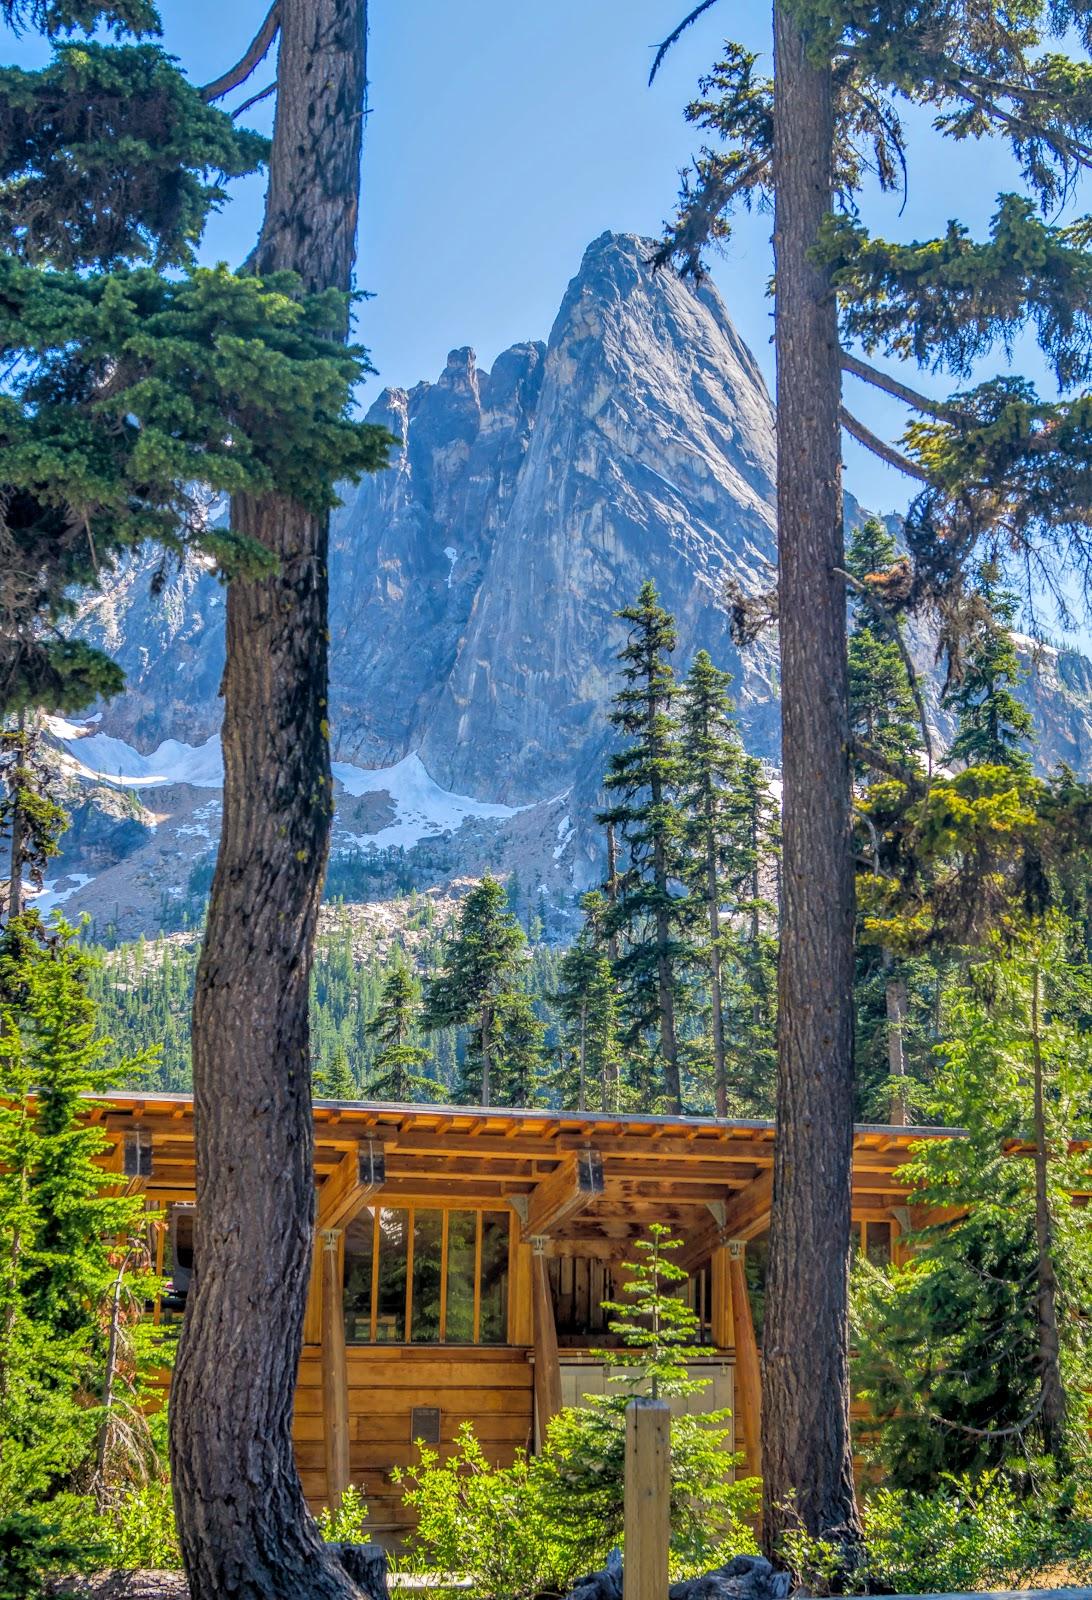 Что бы полюбоваться впечатляющими пейзажами, мы остановились в одной из зон отдыха.